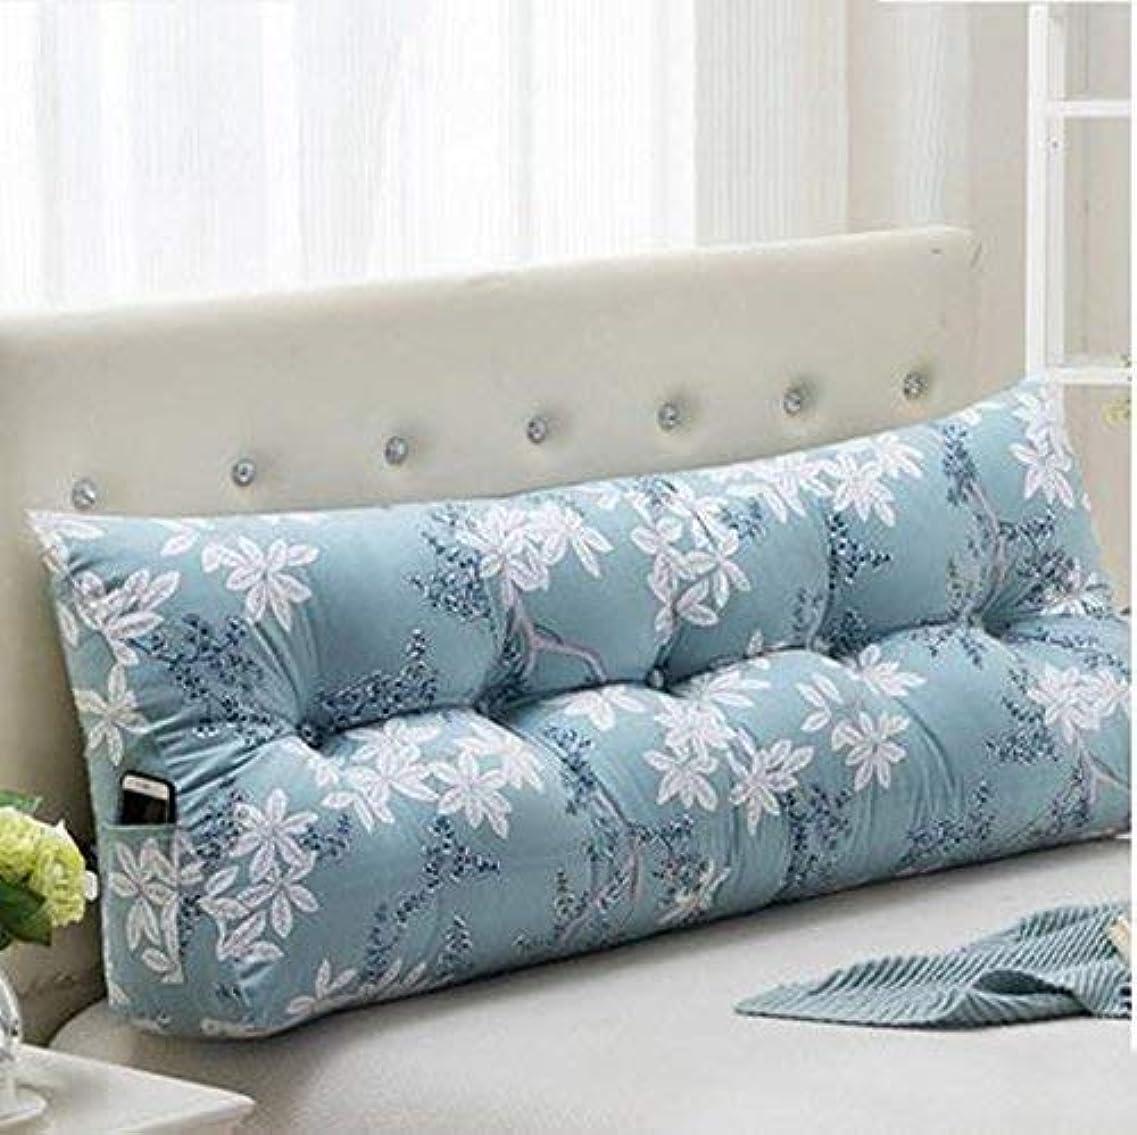 上に専ら電話するJIANHEADS あと振れ止めの枕/腰椎の枕/クッションのソファーベッドの残りの読書枕贅沢な背部ウエストサポート枕、読書のためのくさびの枕 (Color : B2, サイズ : 22*50*60cm)